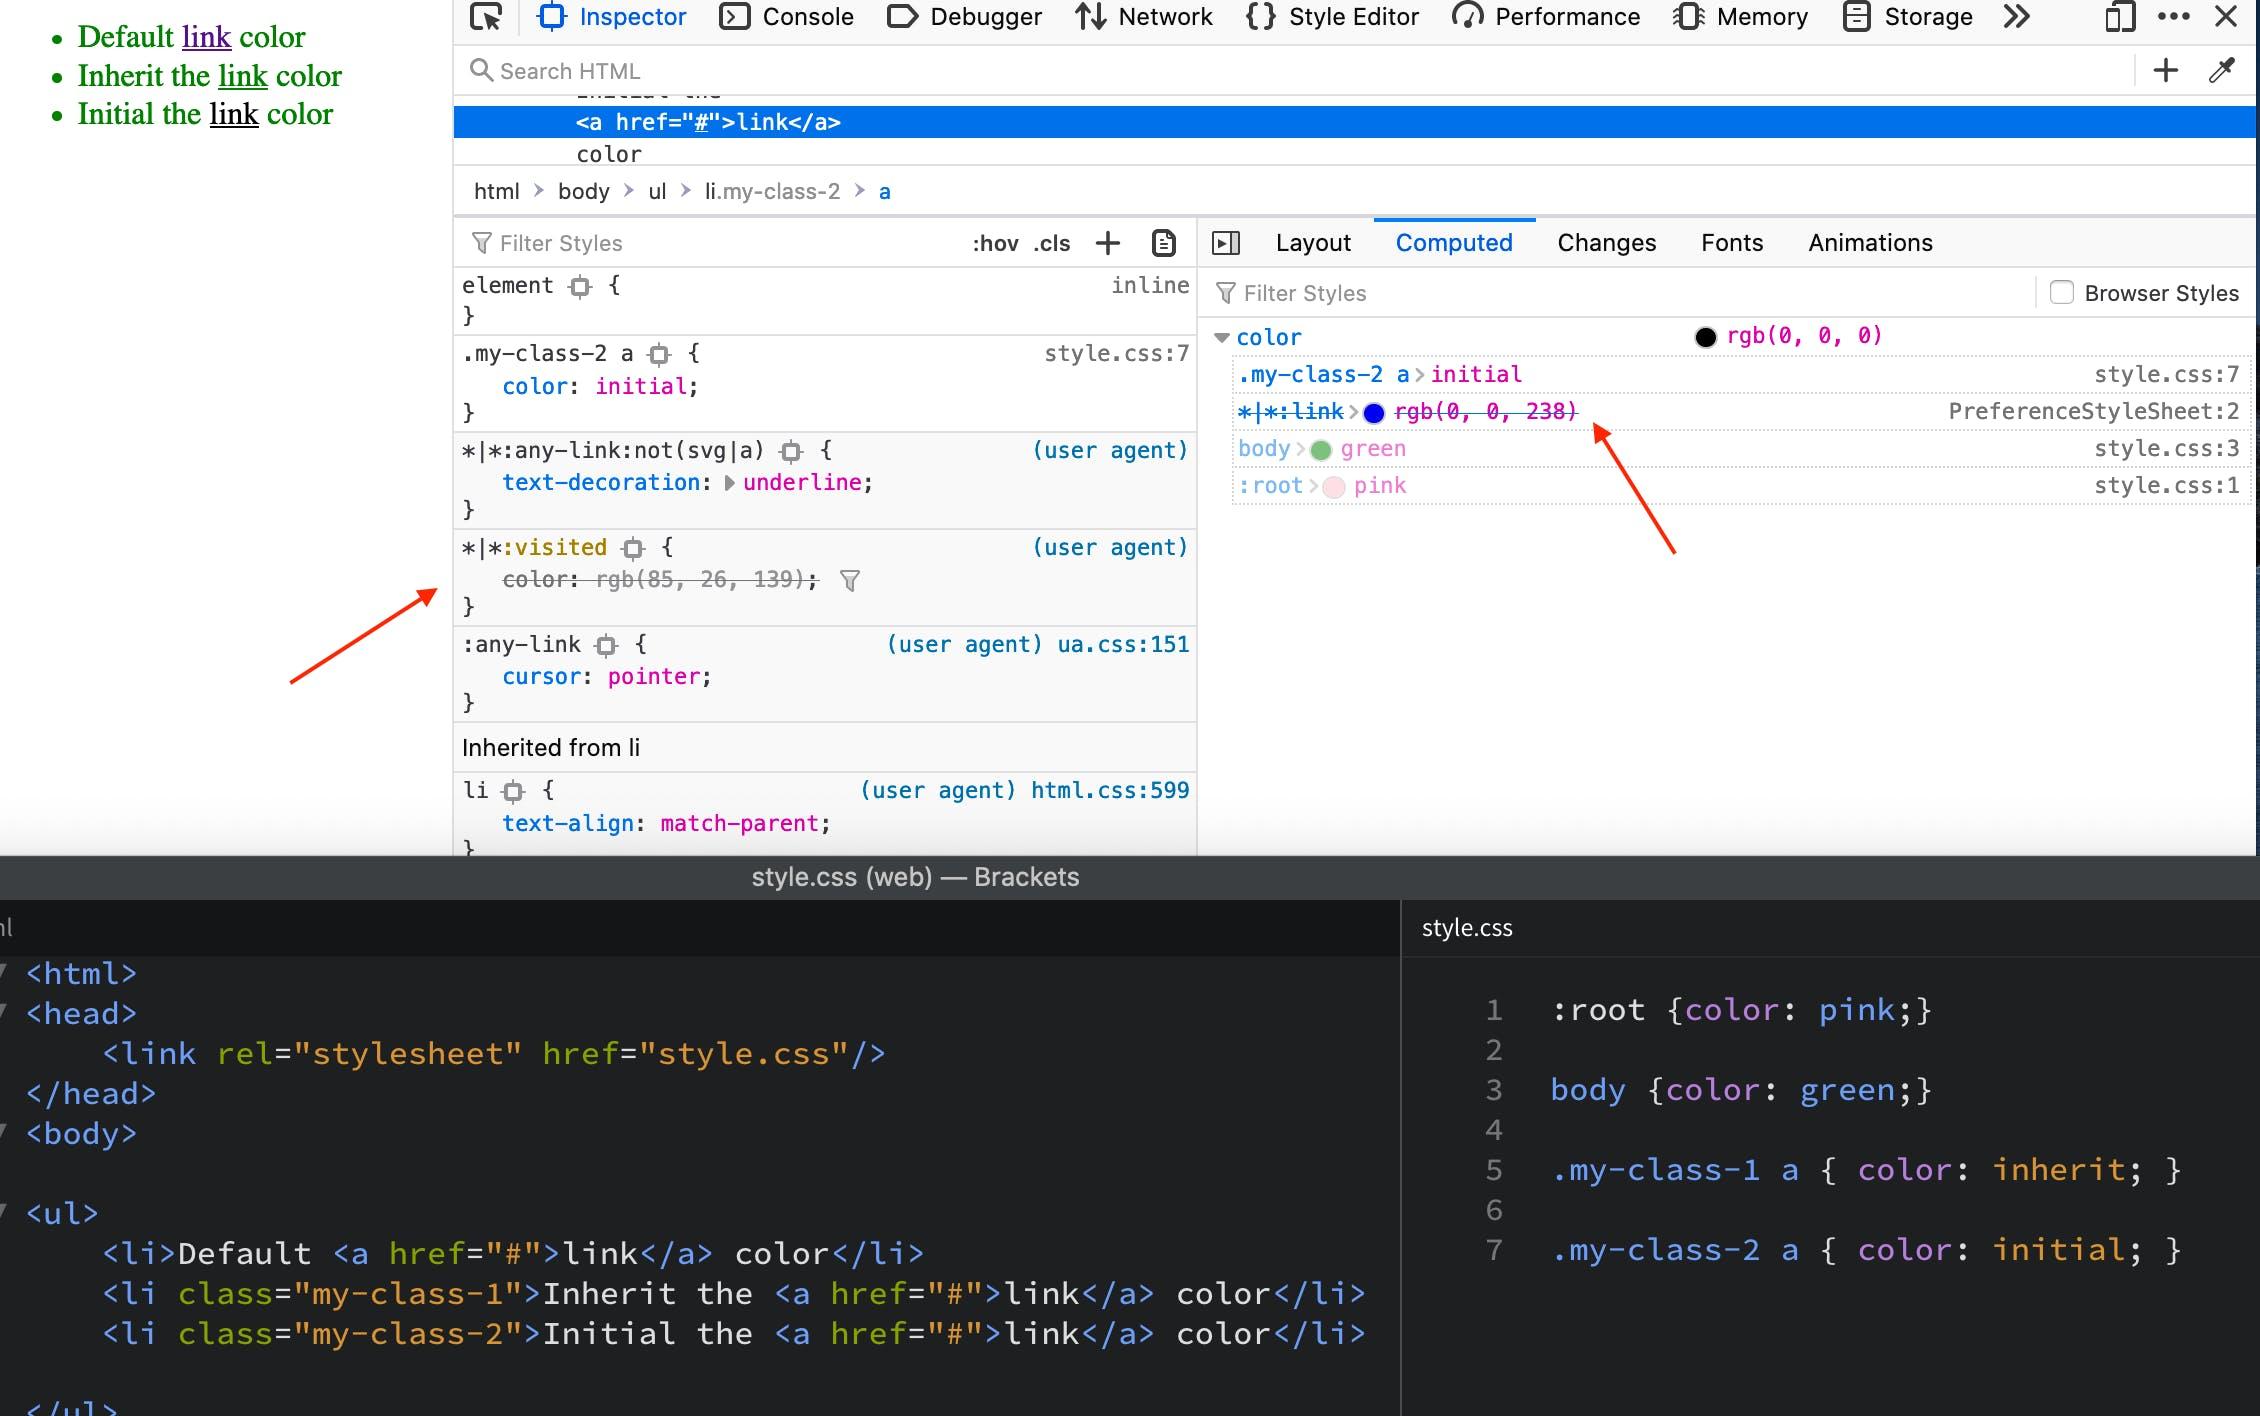 Screenshot 2020-12-29 at 17.15.10.png